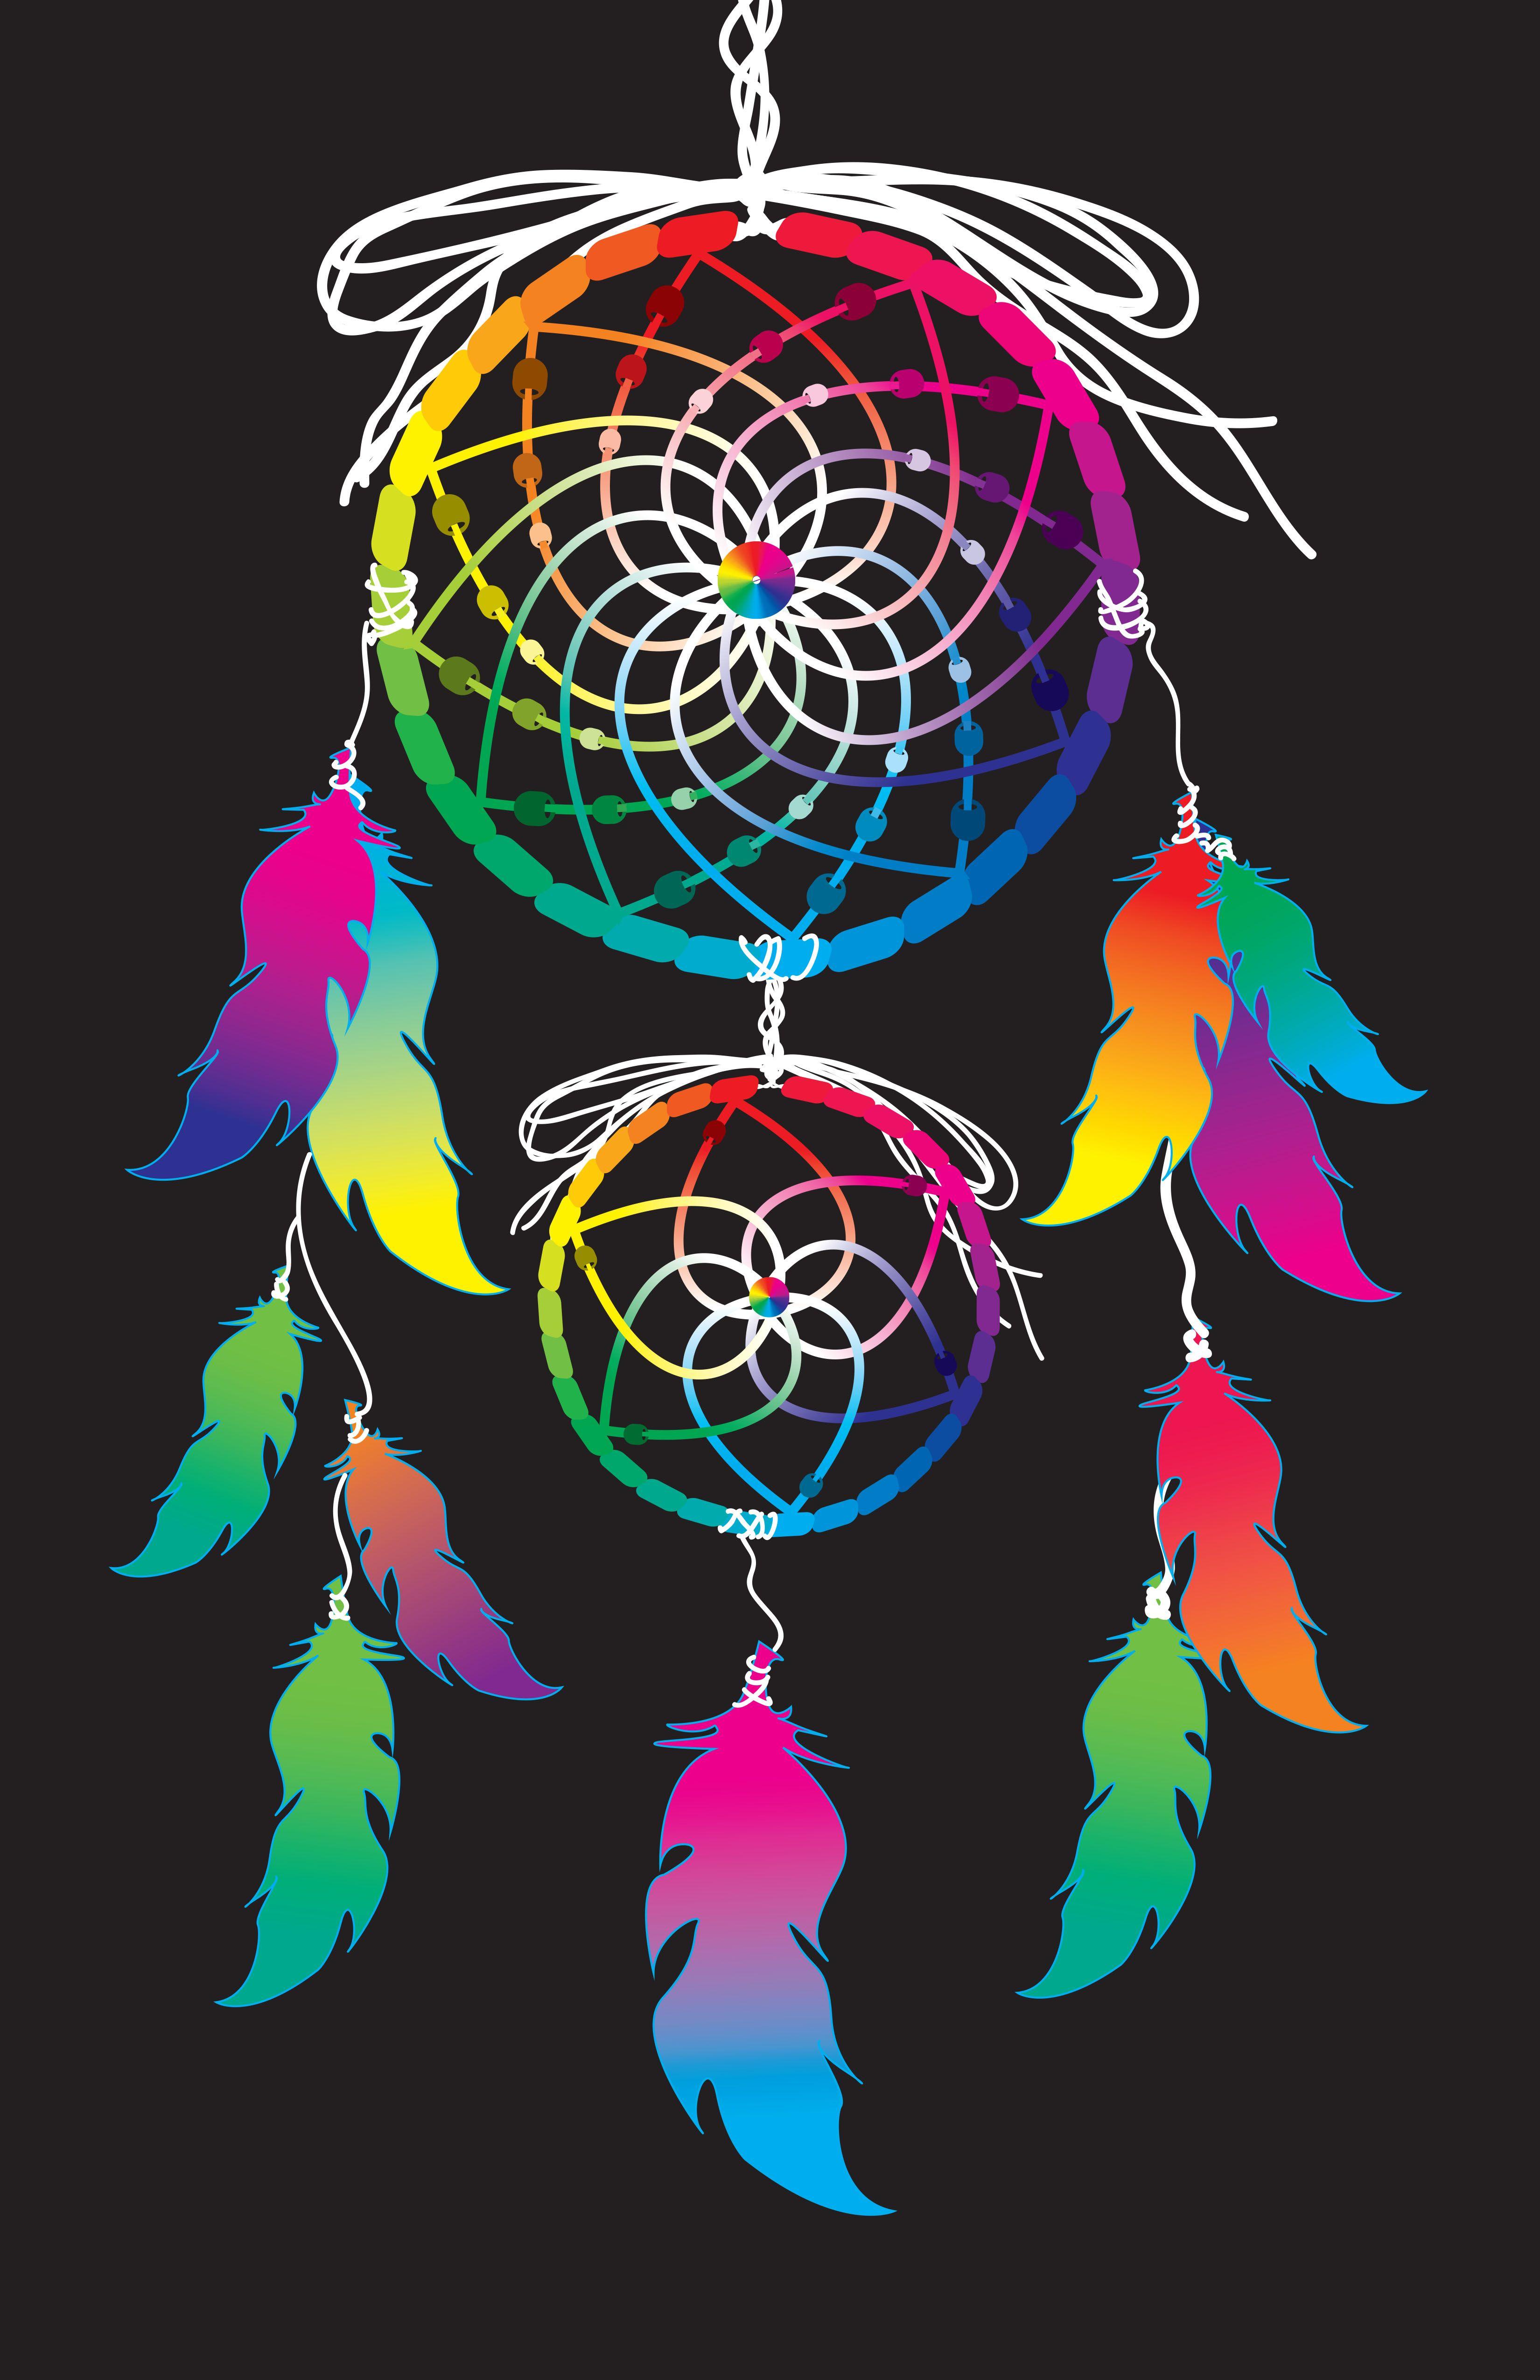 Color art dreamcatcher - Color Wheel Graphic Design Dreamcatcher